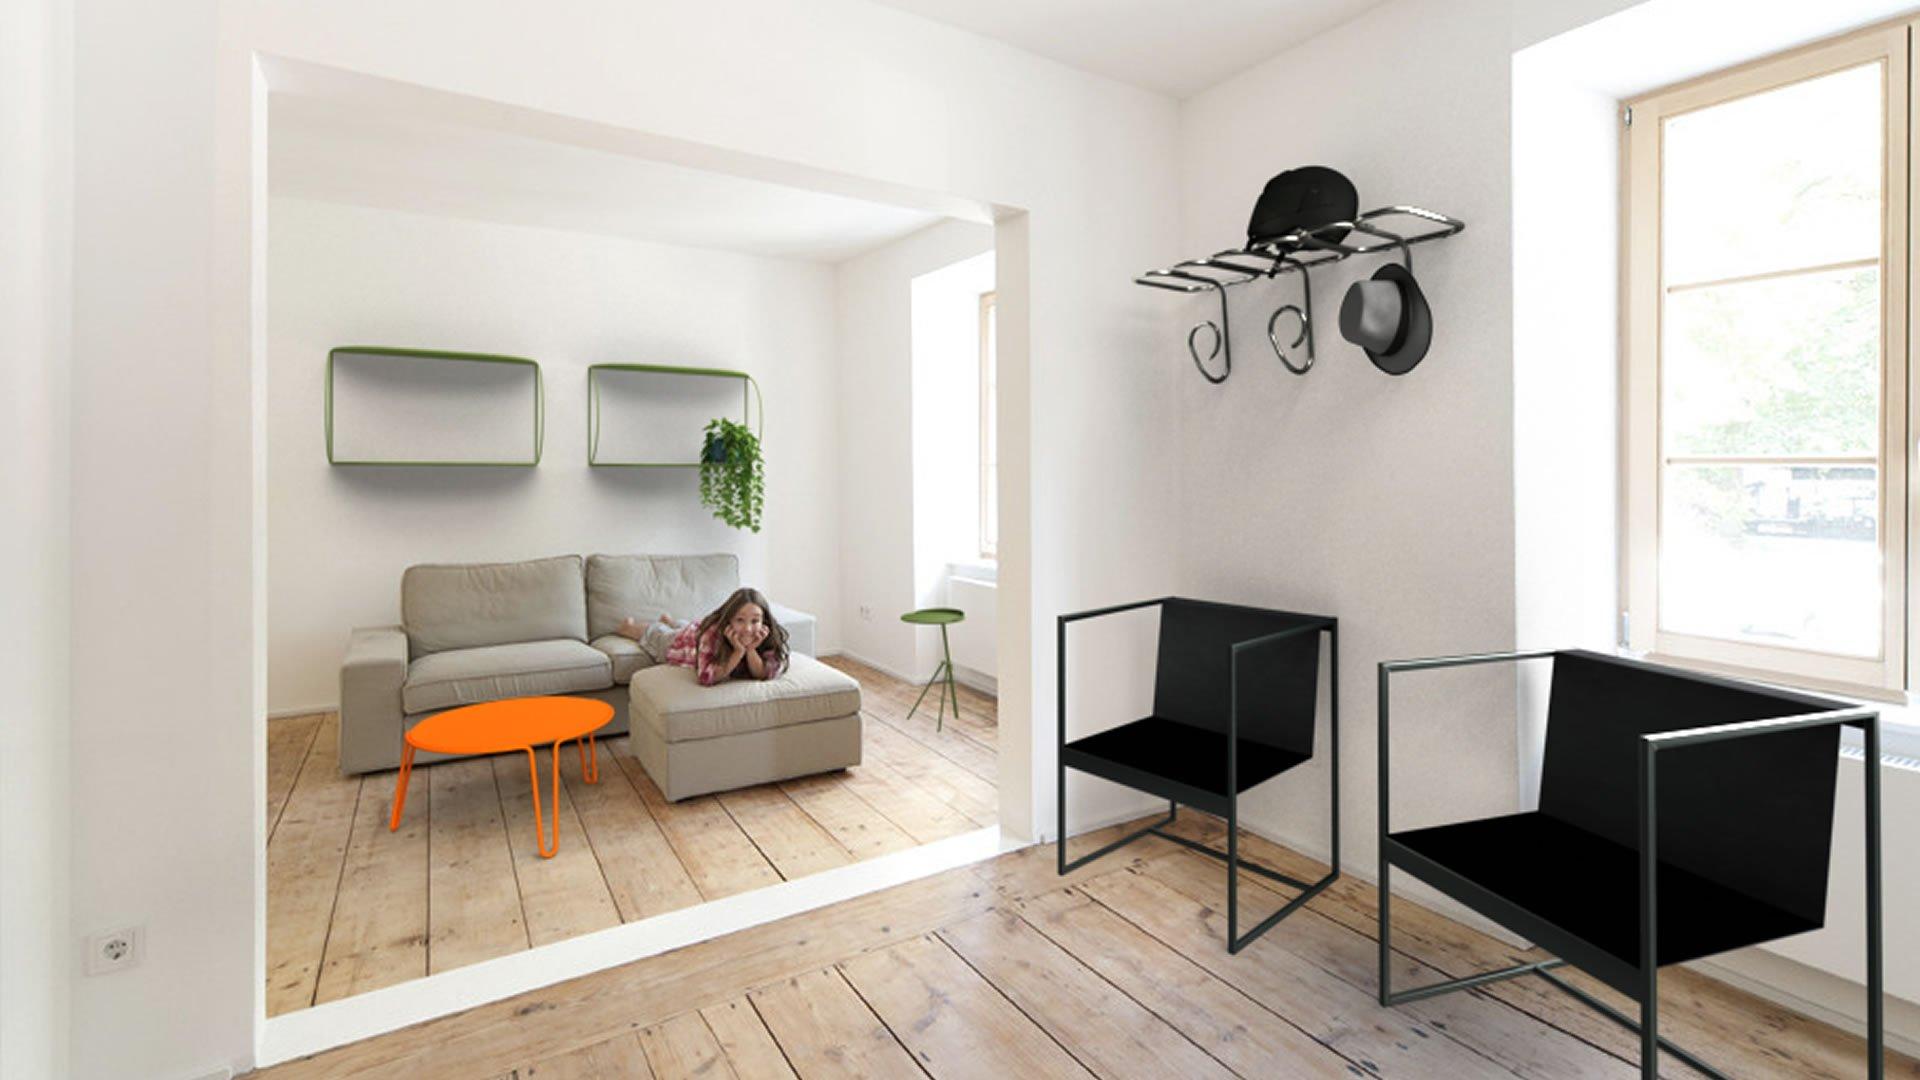 Estanteria WARE 2 en sala de estar con mesa LAVENDER B, perchero GERMAINE y sillas MSB